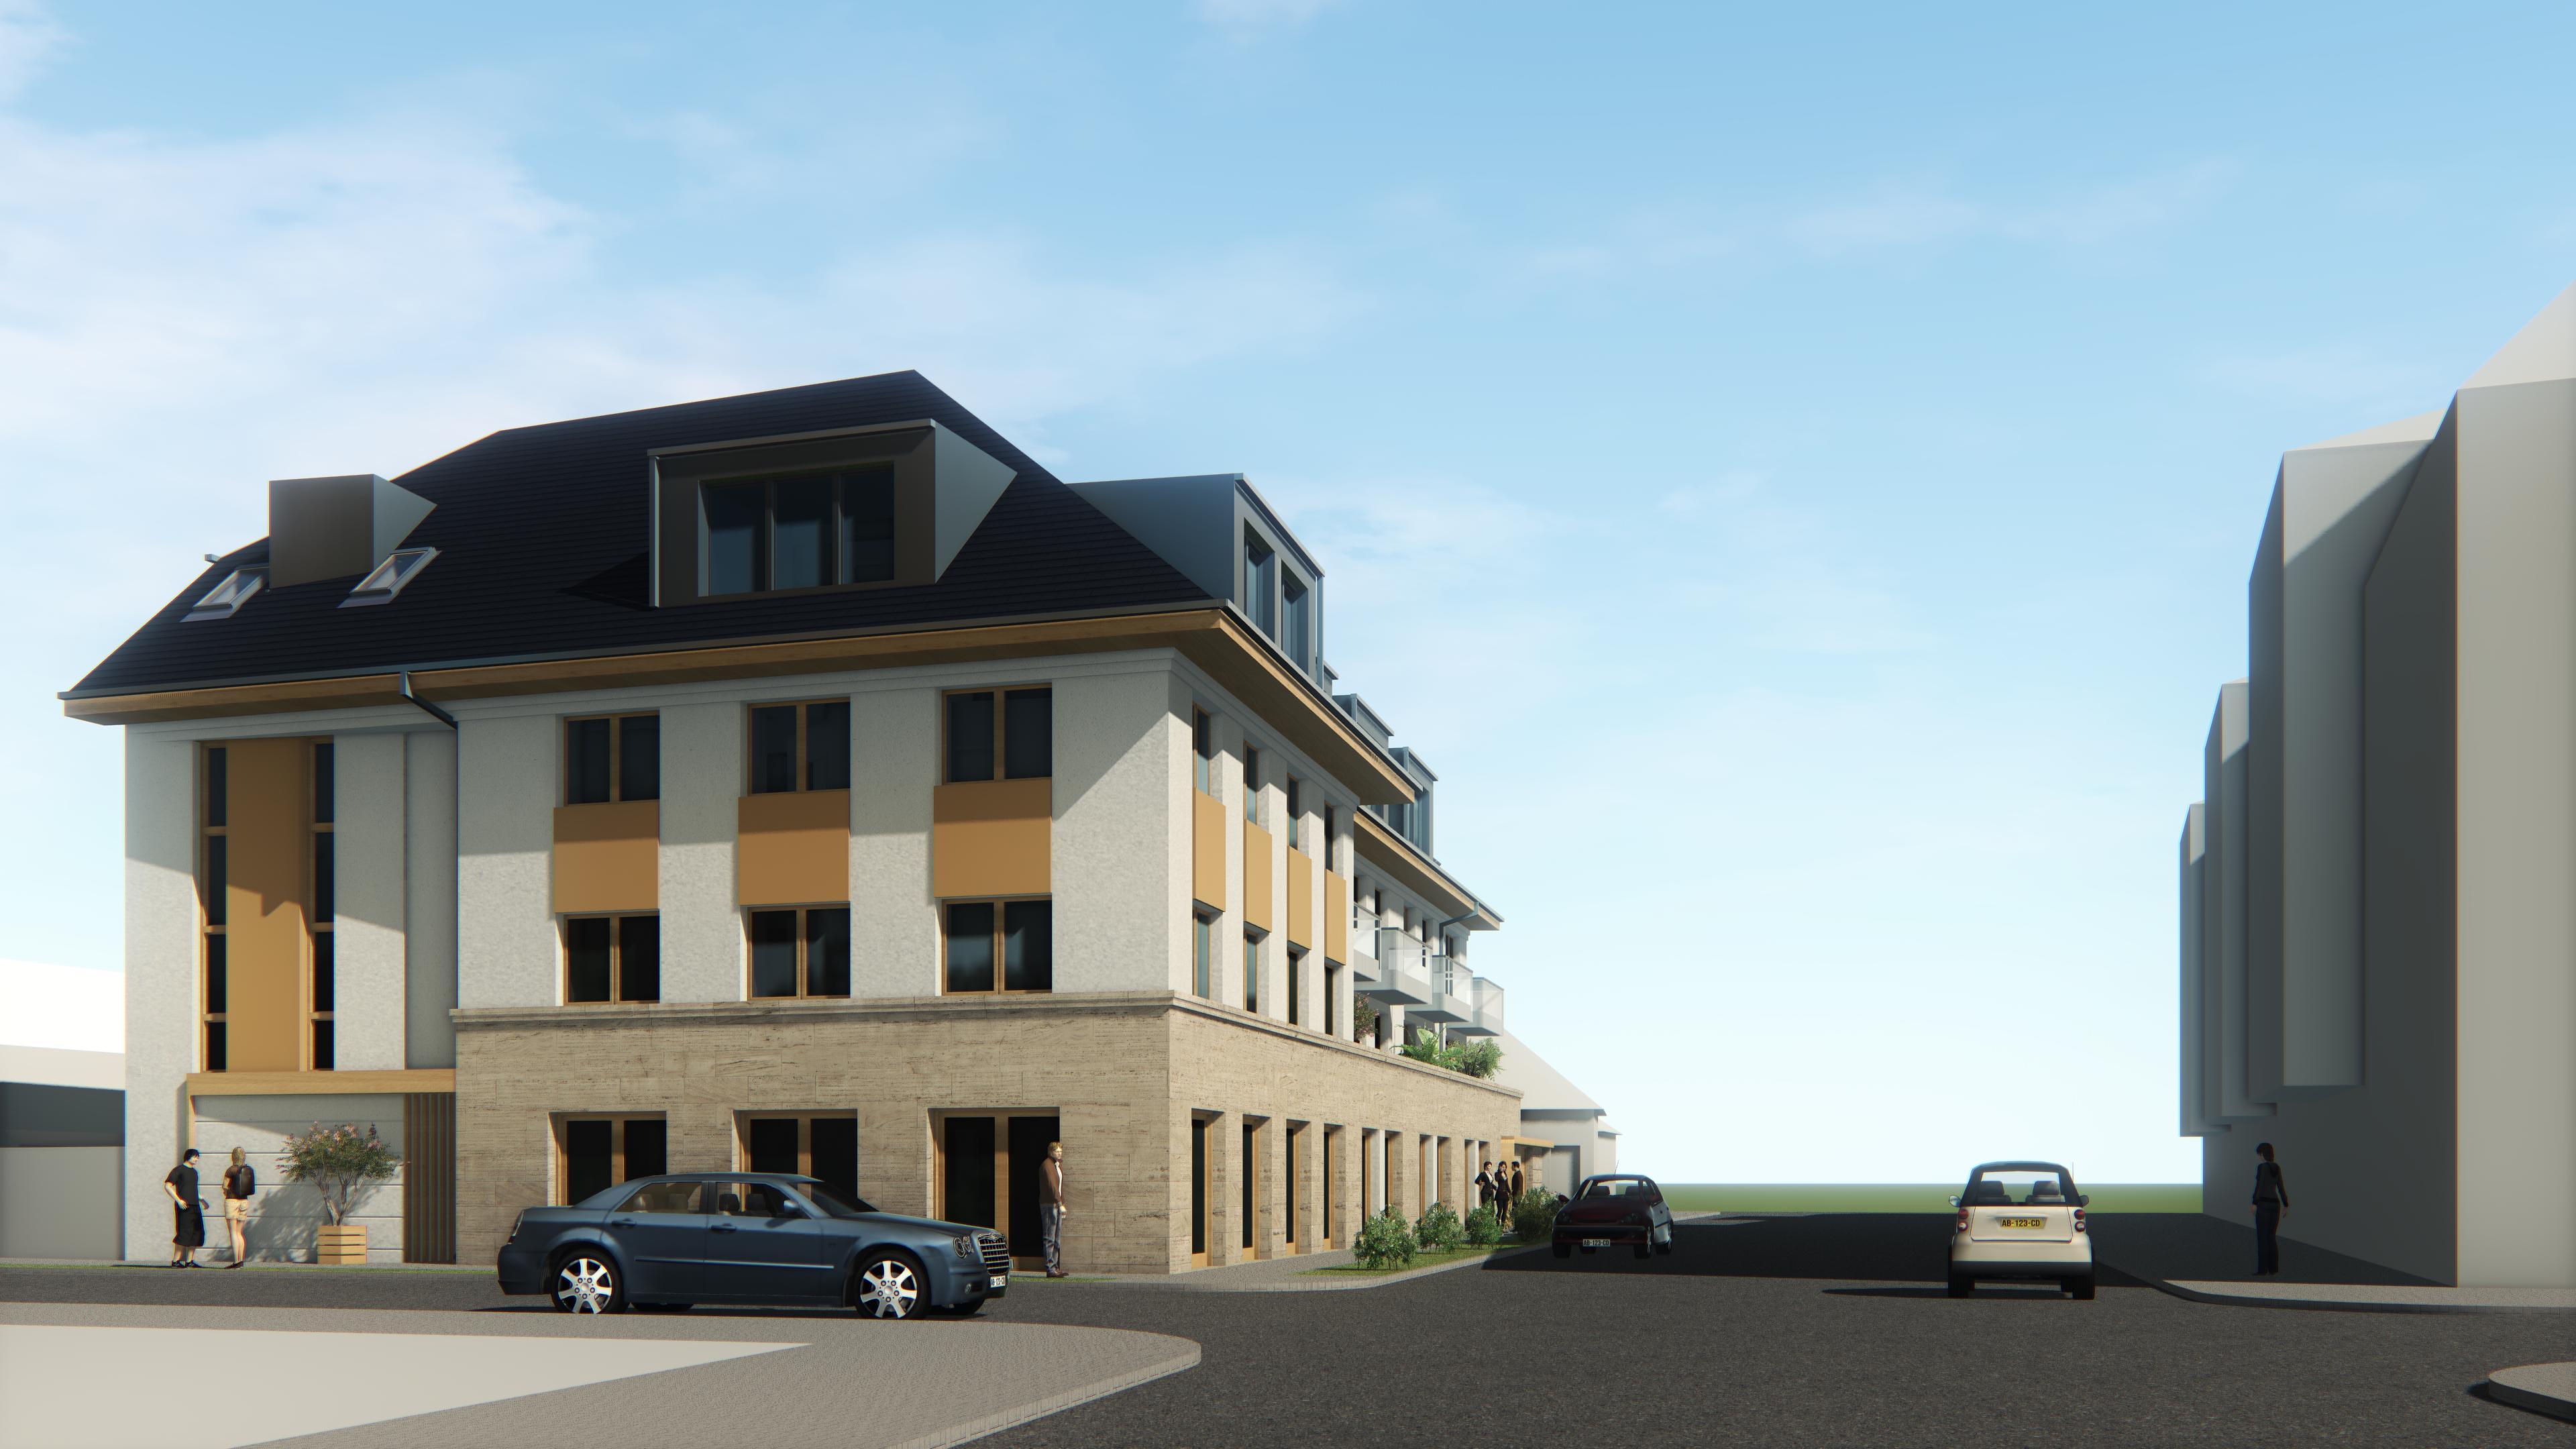 18 lakásos társasház Cegléd, építészeti tervezés